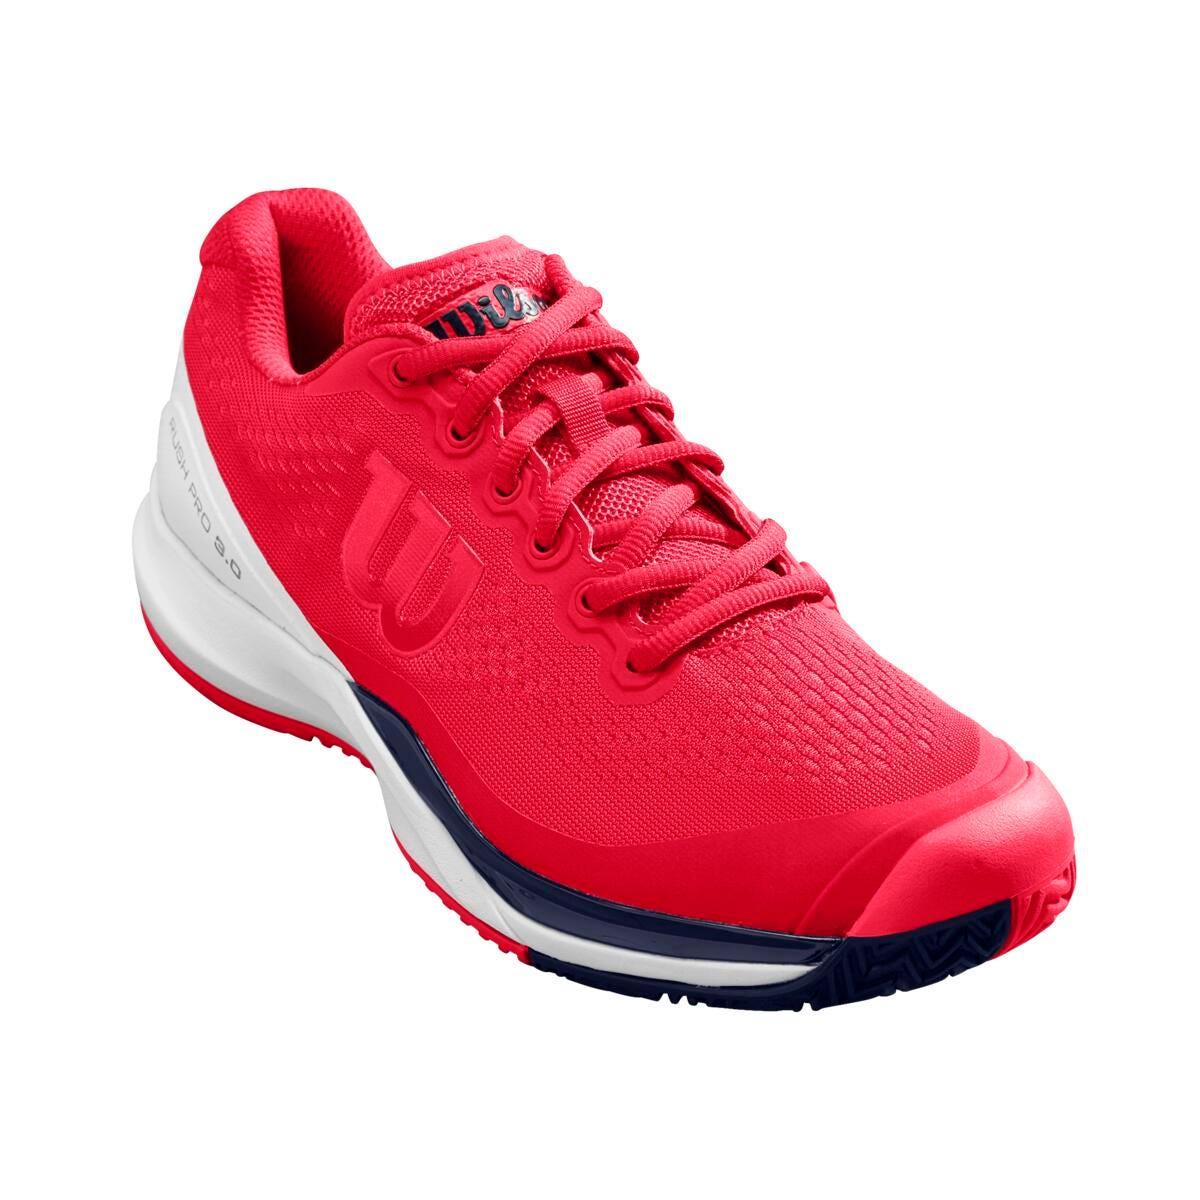 Rush Pro 3.0 Women's Tennis Shoe